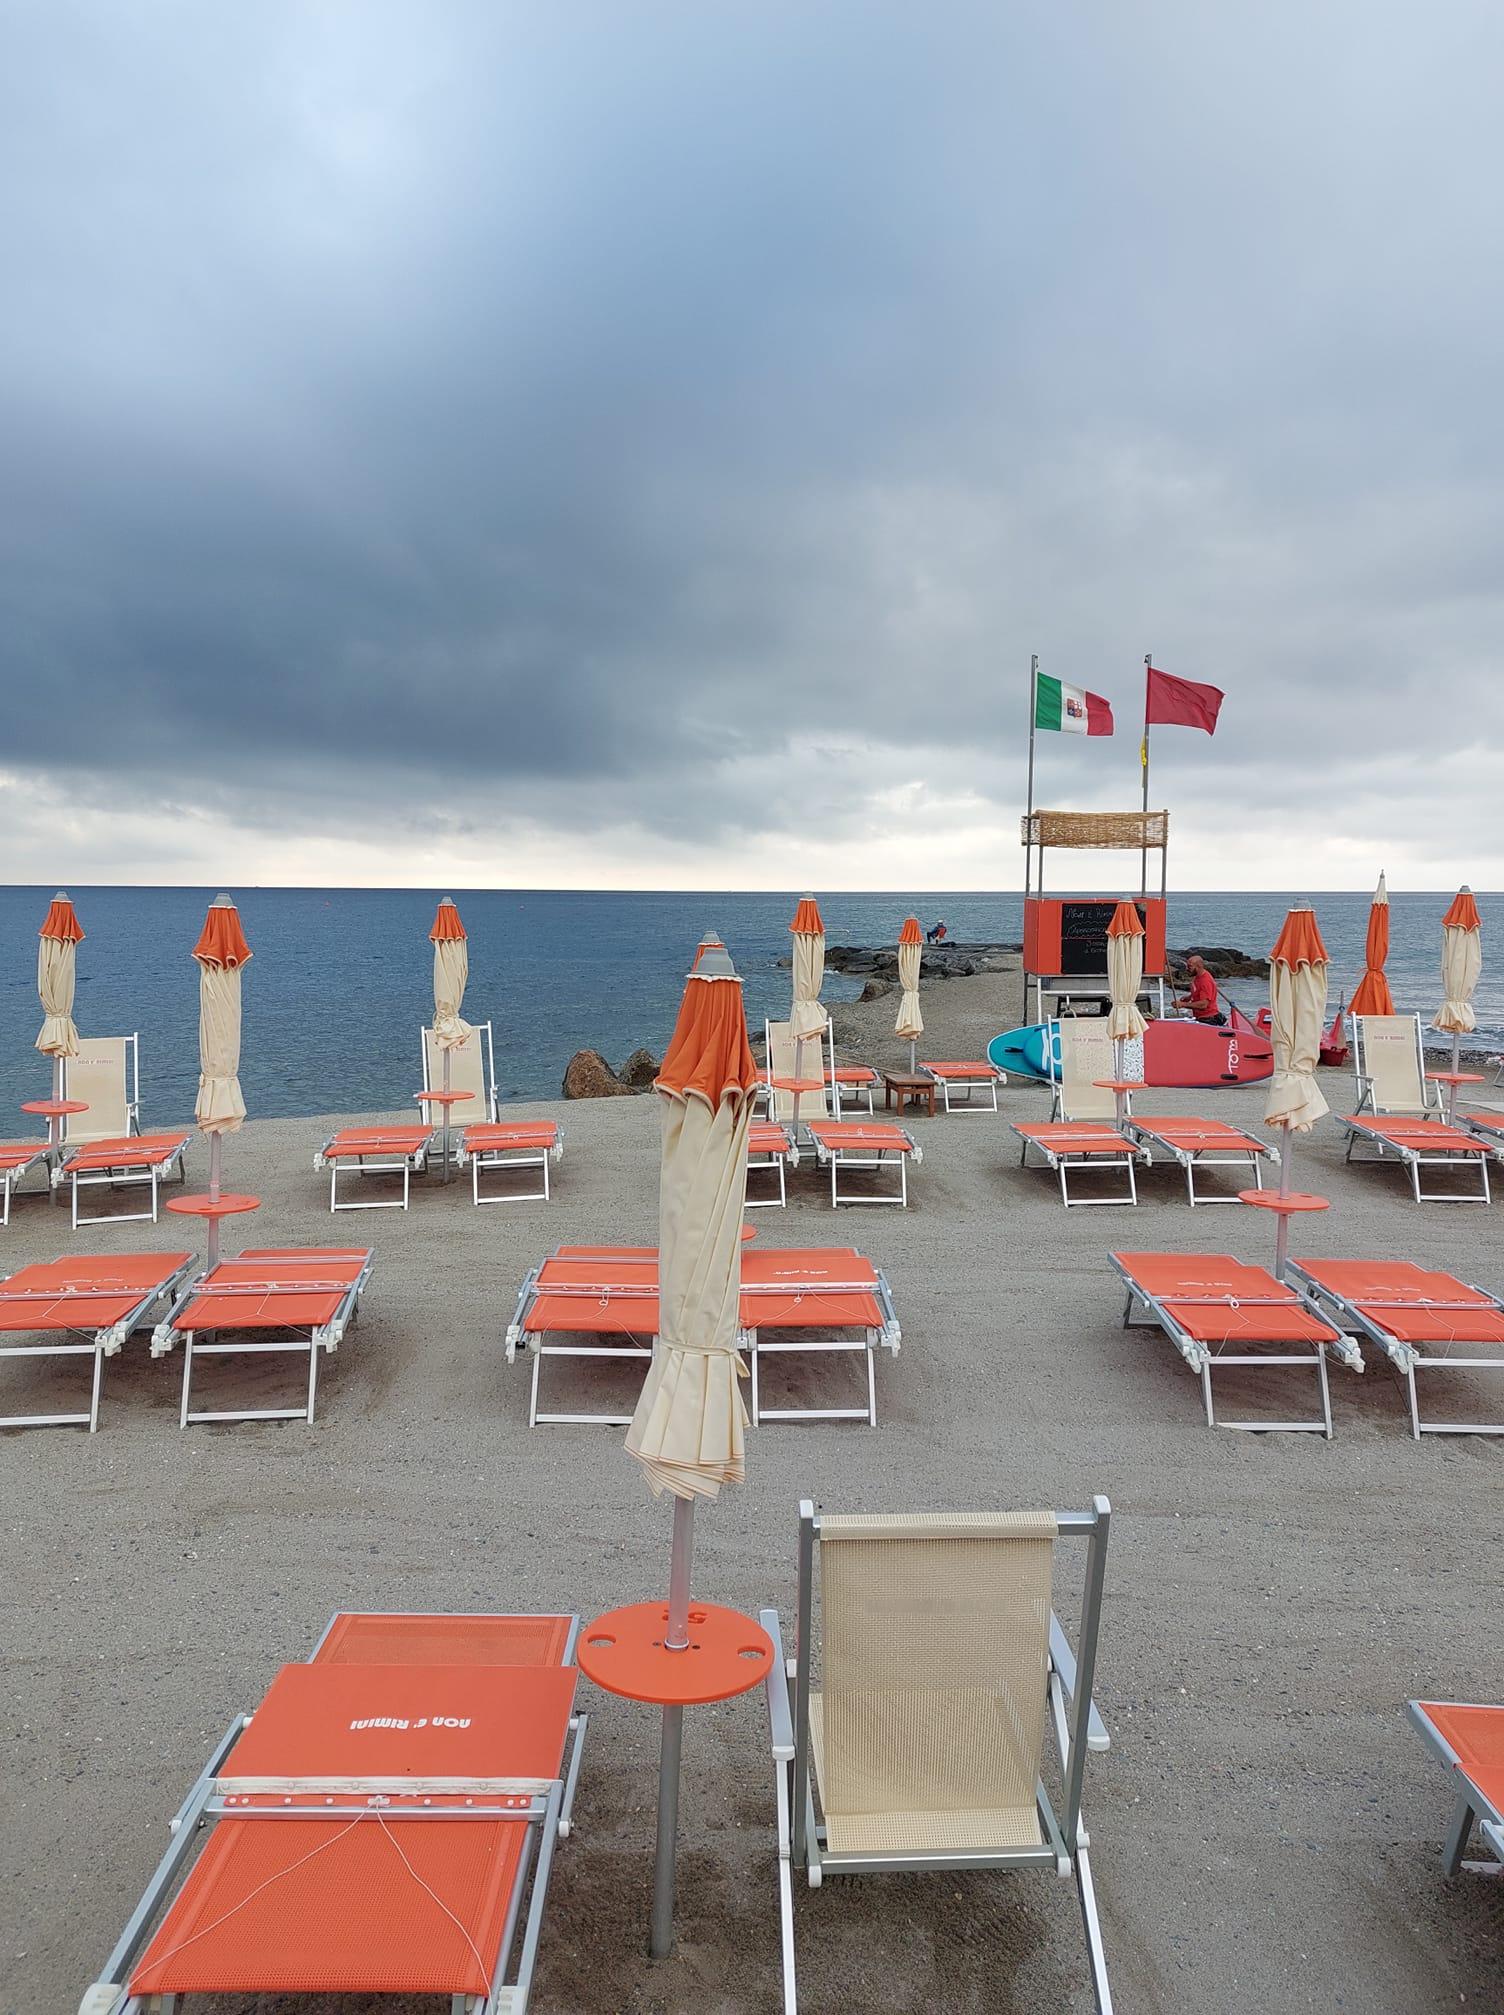 Bagni Non è Rimini